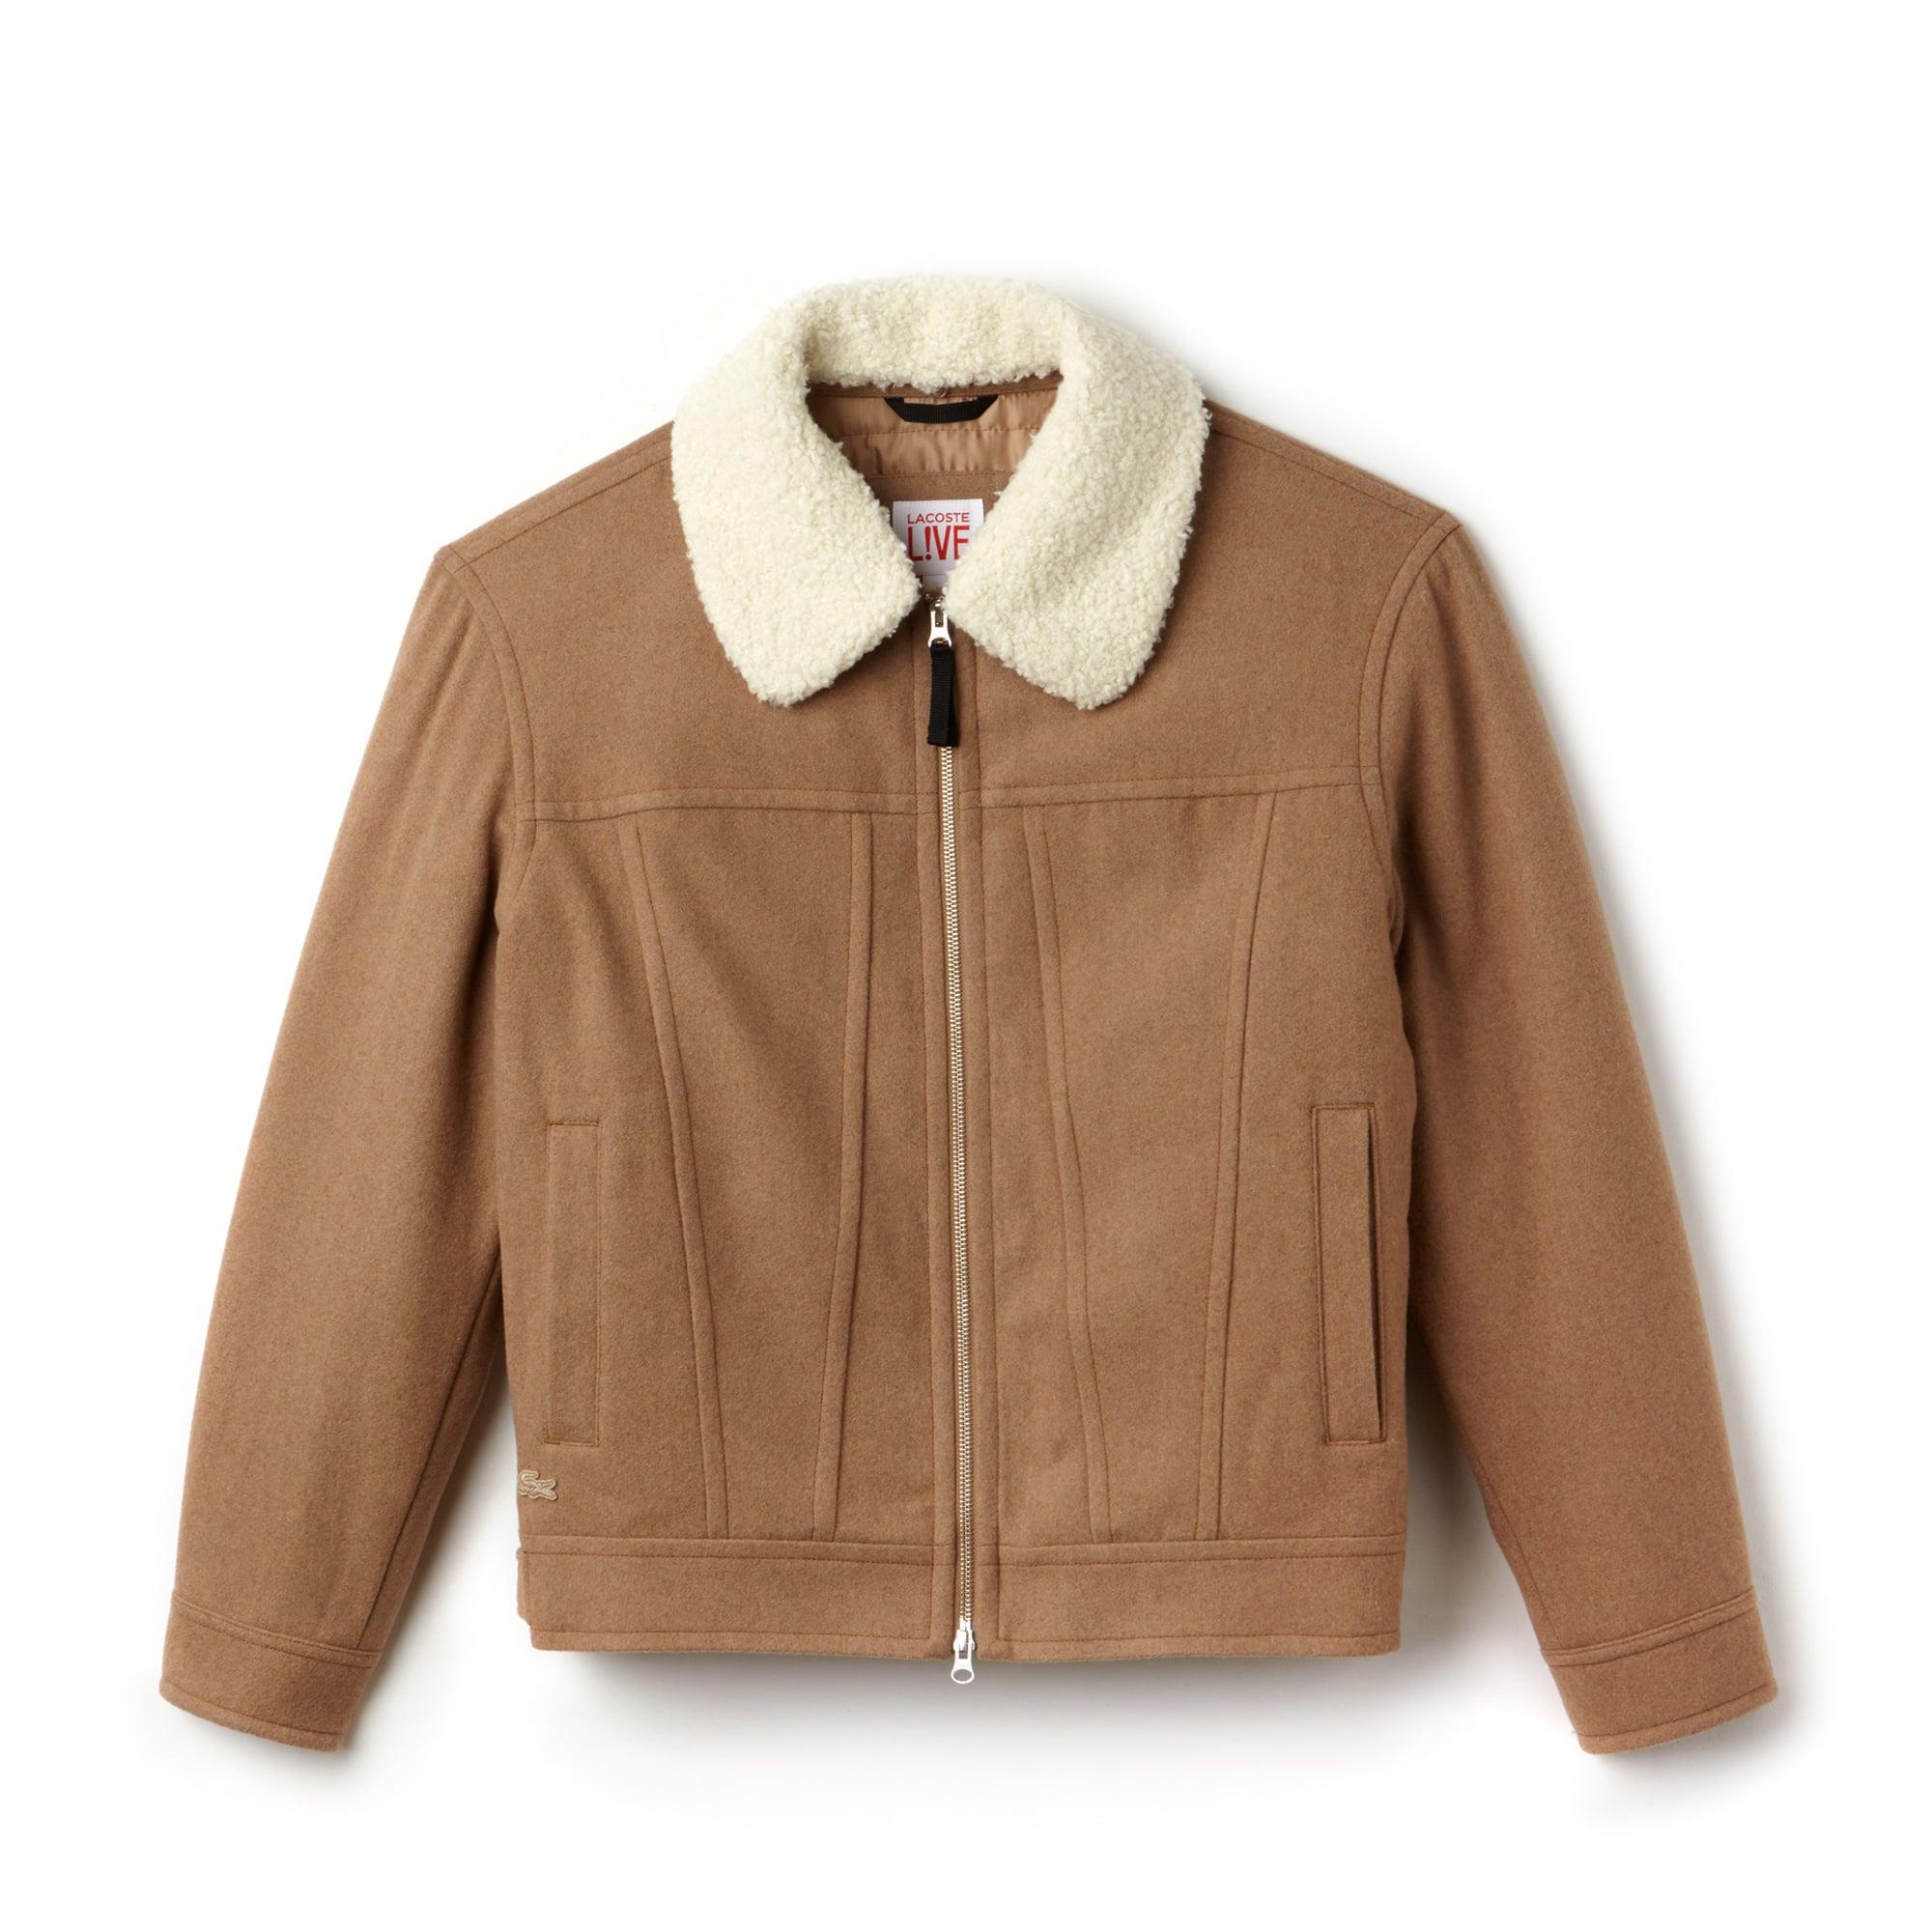 Lacoste LIVE中性款可拆卸衣领羊毛宽幅面料拉链夹克